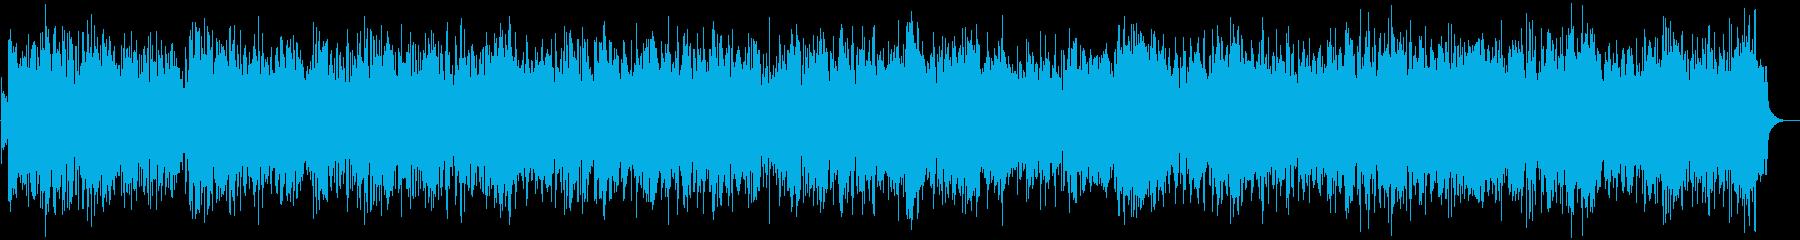 疾走感のあるアイリッシュフィドルバンドの再生済みの波形